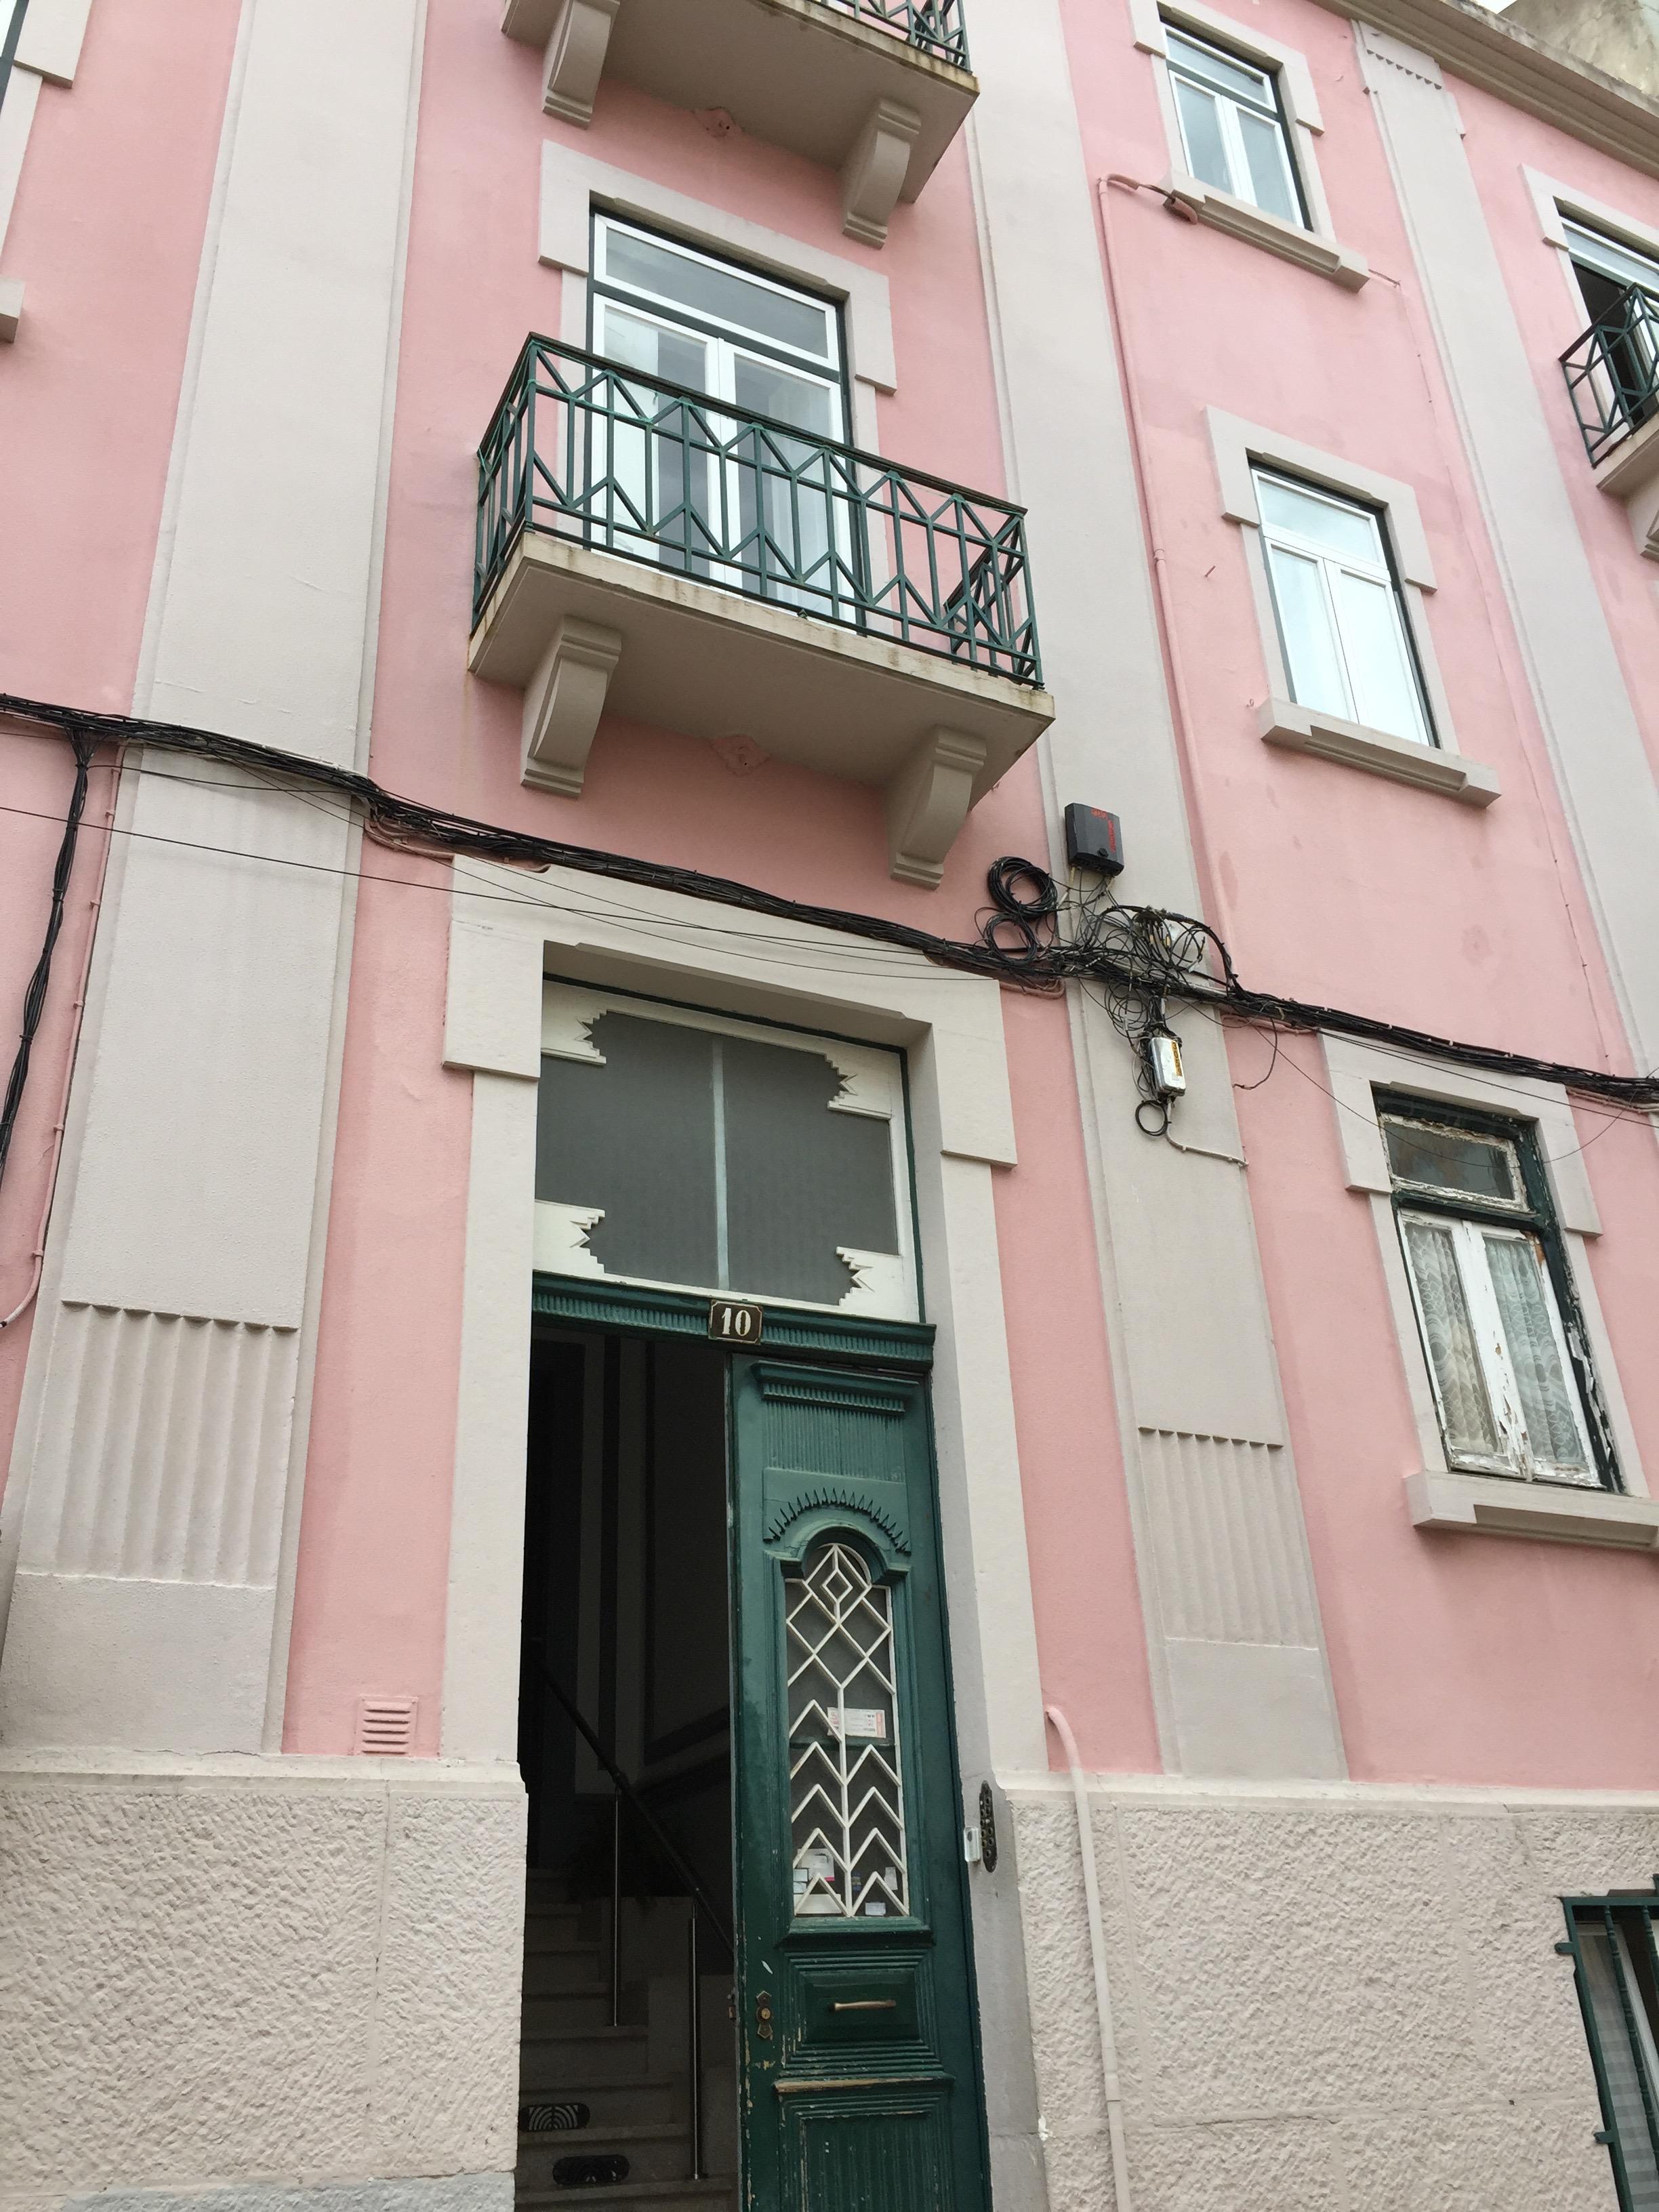 Fachada do edificio onde funciona a Escola Nacional de Feng Shui, em Lisboa.